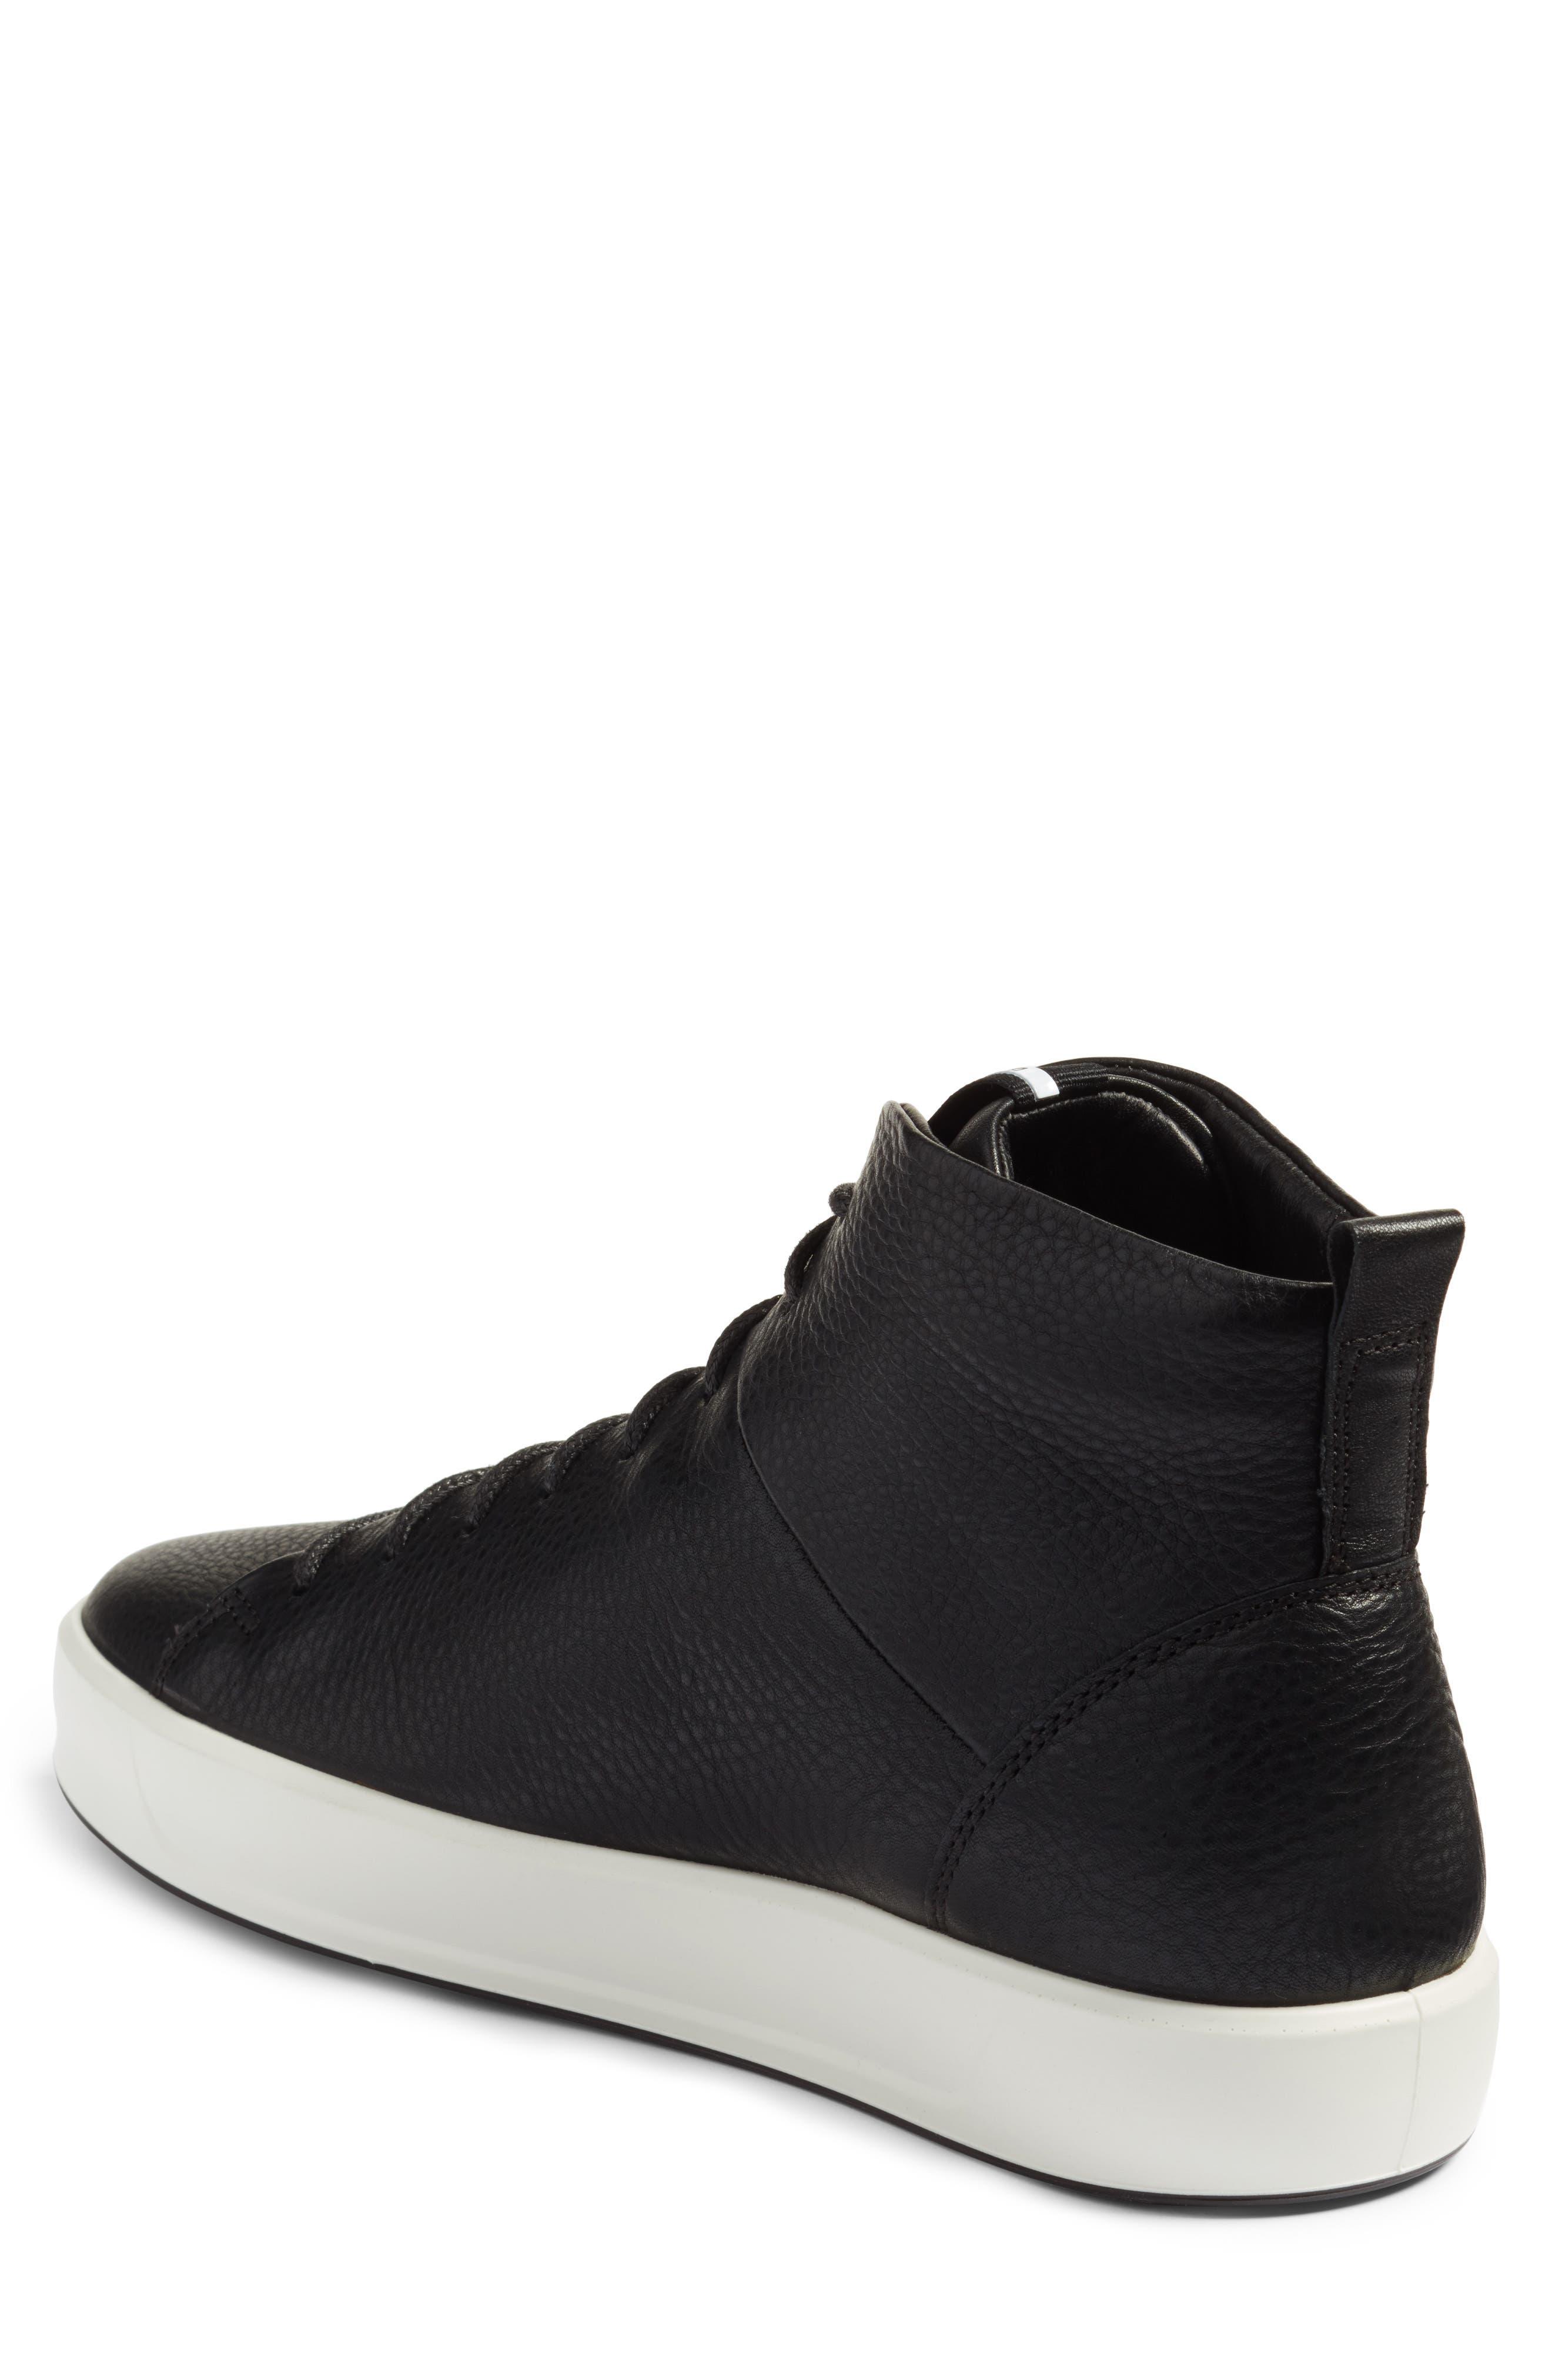 Soft 8 Sneaker,                             Alternate thumbnail 2, color,                             New Black